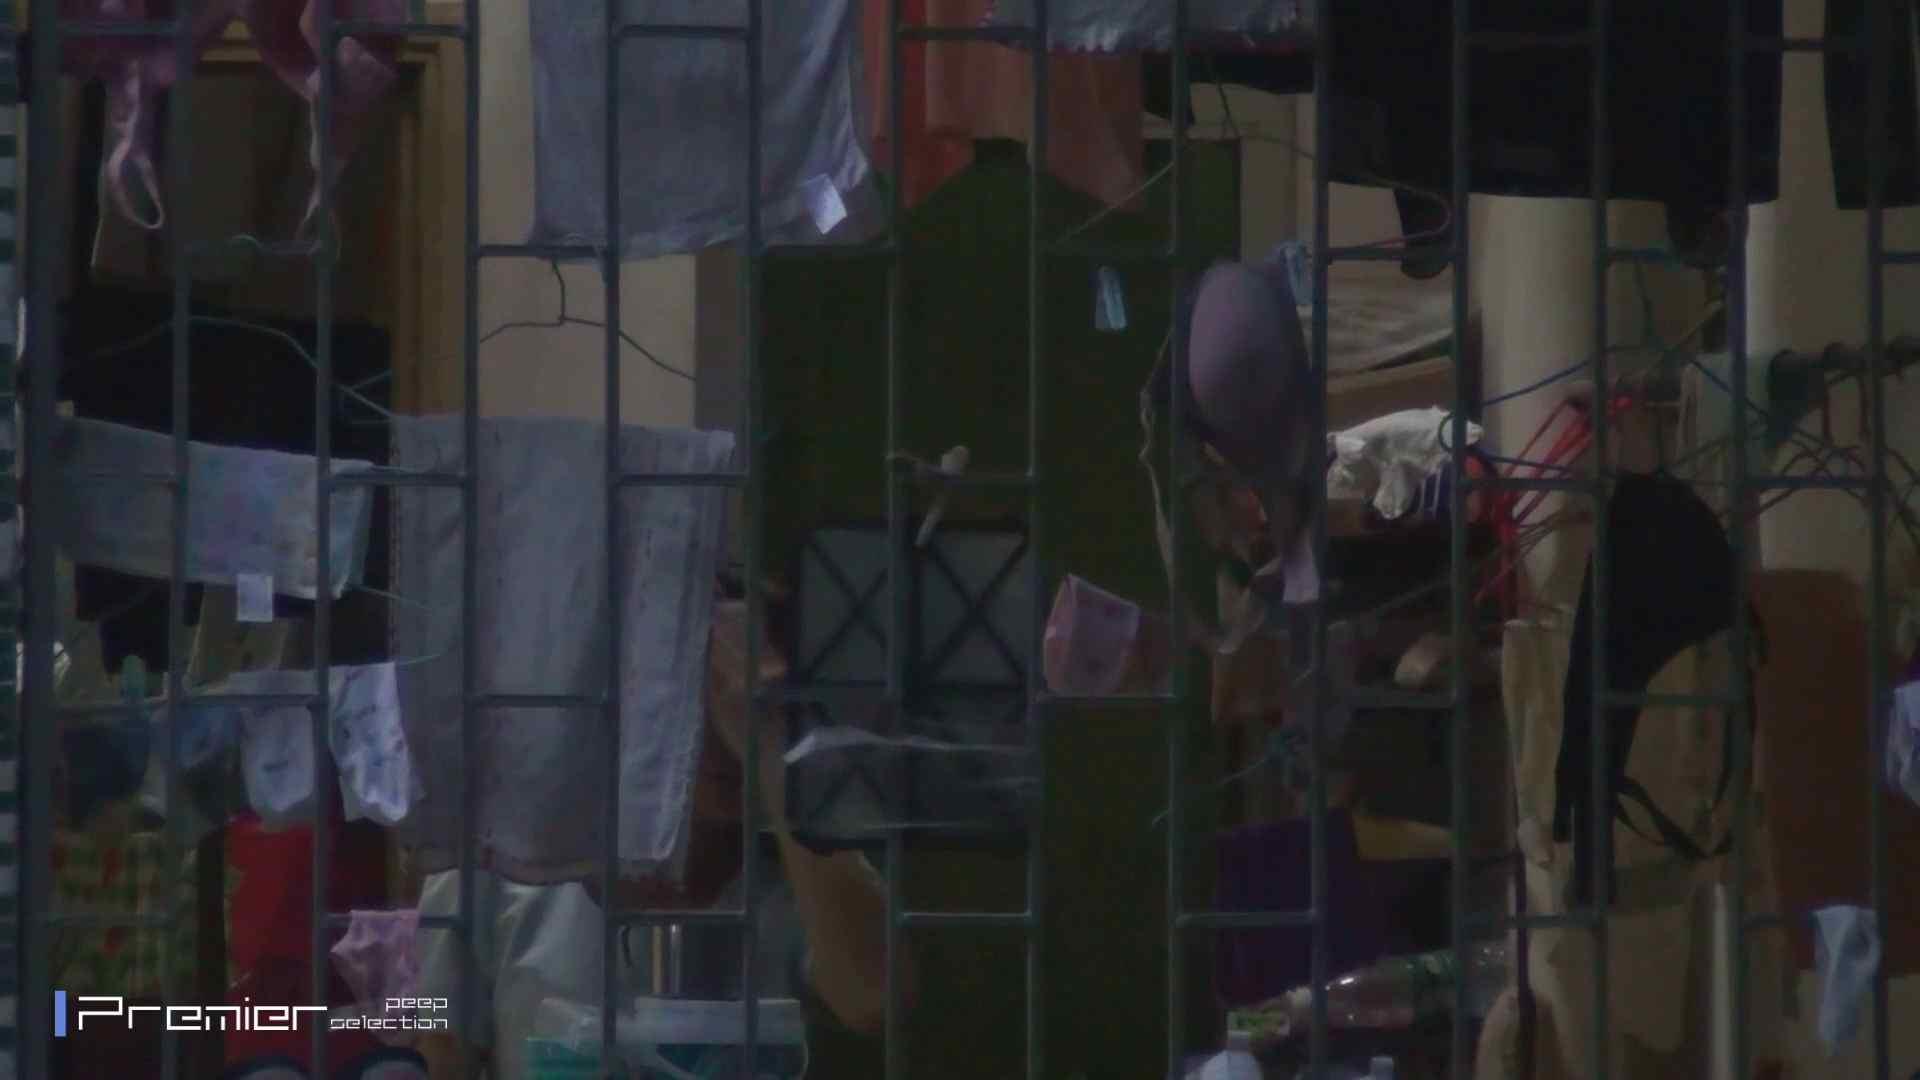 激撮り美女の洗顔シーン Vol.05 美女の痴態に密着! ギャルズ おめこ無修正動画無料 92画像 65